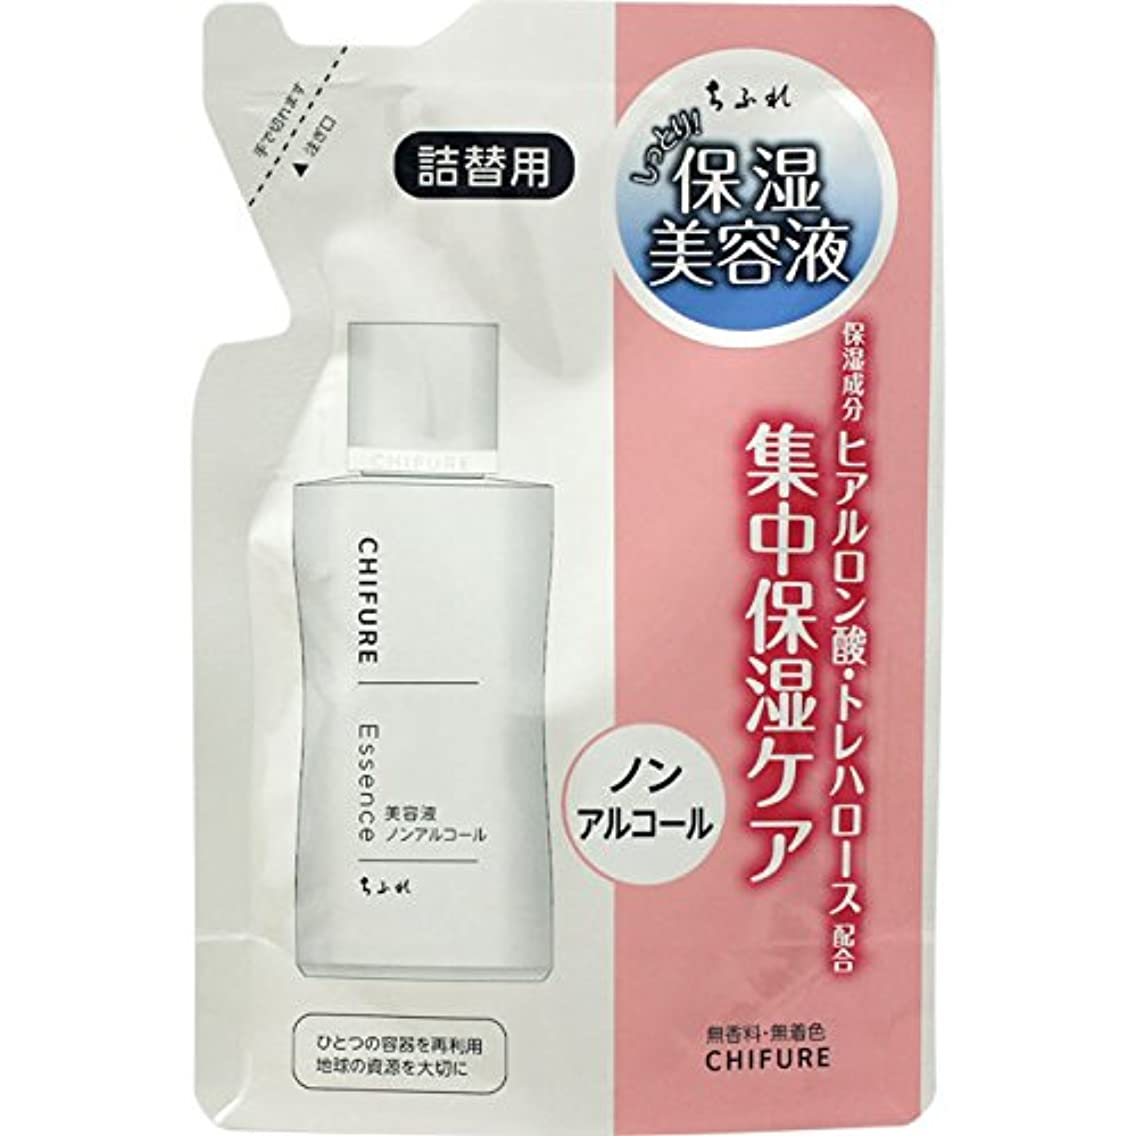 ハードウェア高度昼寝ちふれ化粧品 ちふれ 美容液 ノンアルコールタイプ 詰替用 45ML